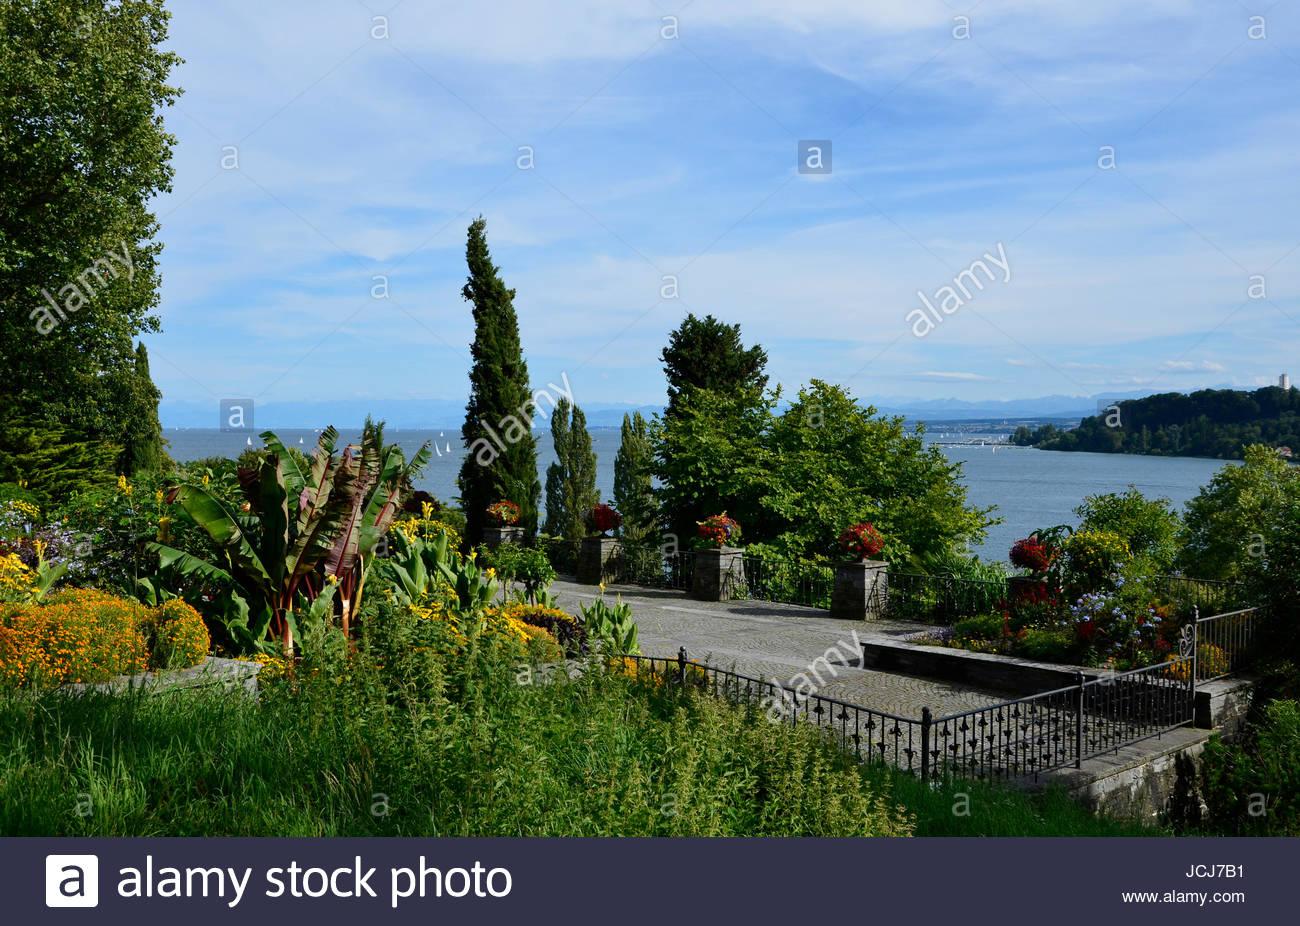 Aussichtspunkt, Insel Mainau im Bodensee - Stock Image